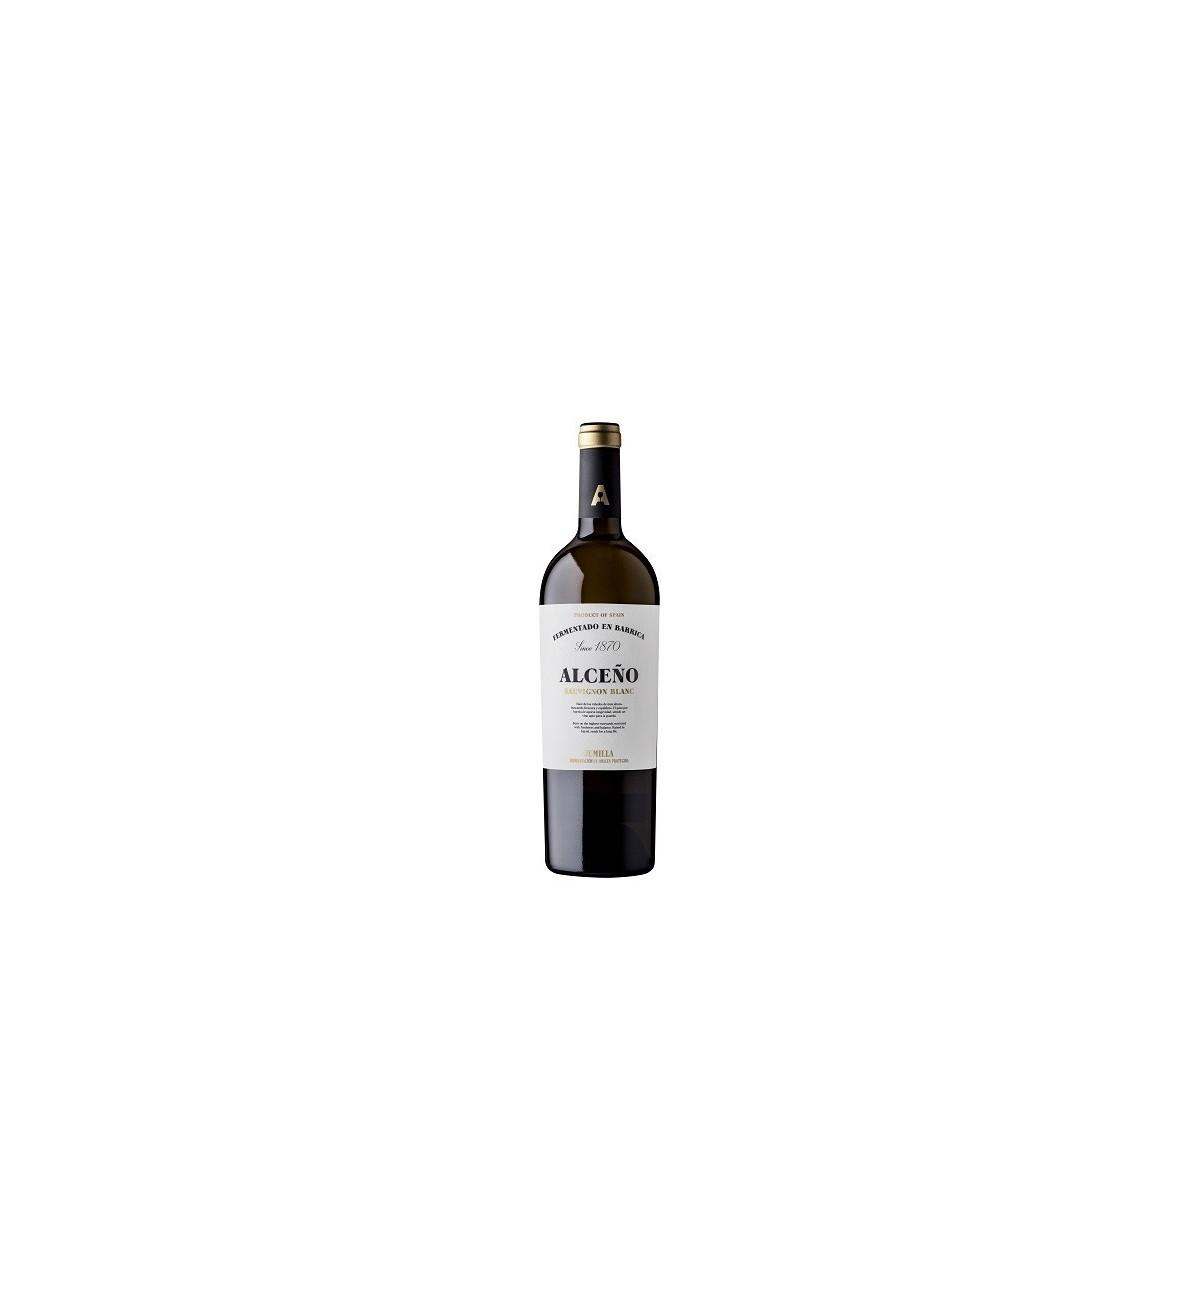 Alceño Blanco 100% Sauvignon Blanc Fermentado en Barrica 2019 * Jumilla